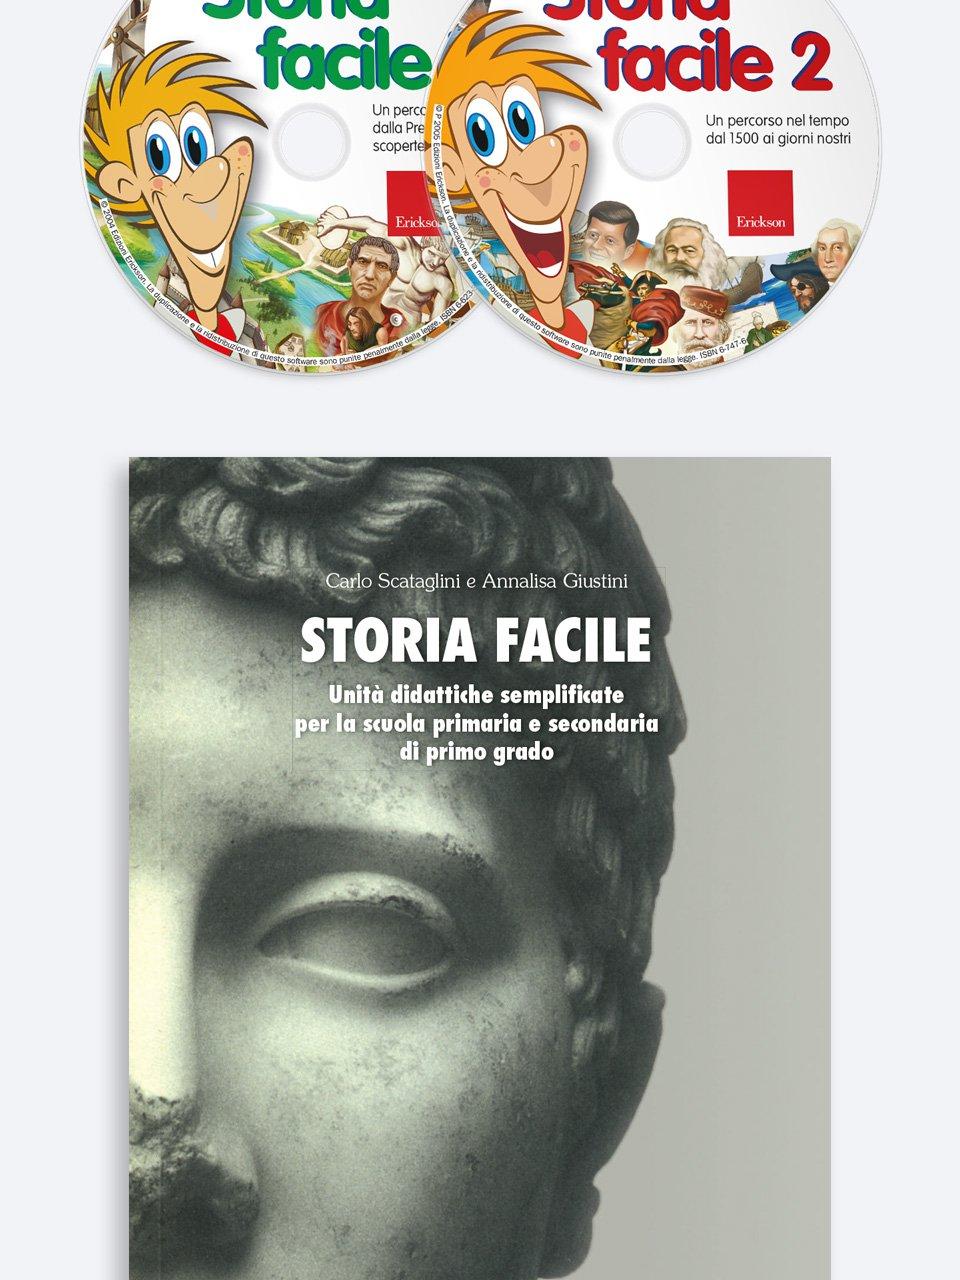 Storia facile - Storia facile per la classe quinta - Libri - App e software - Erickson 3